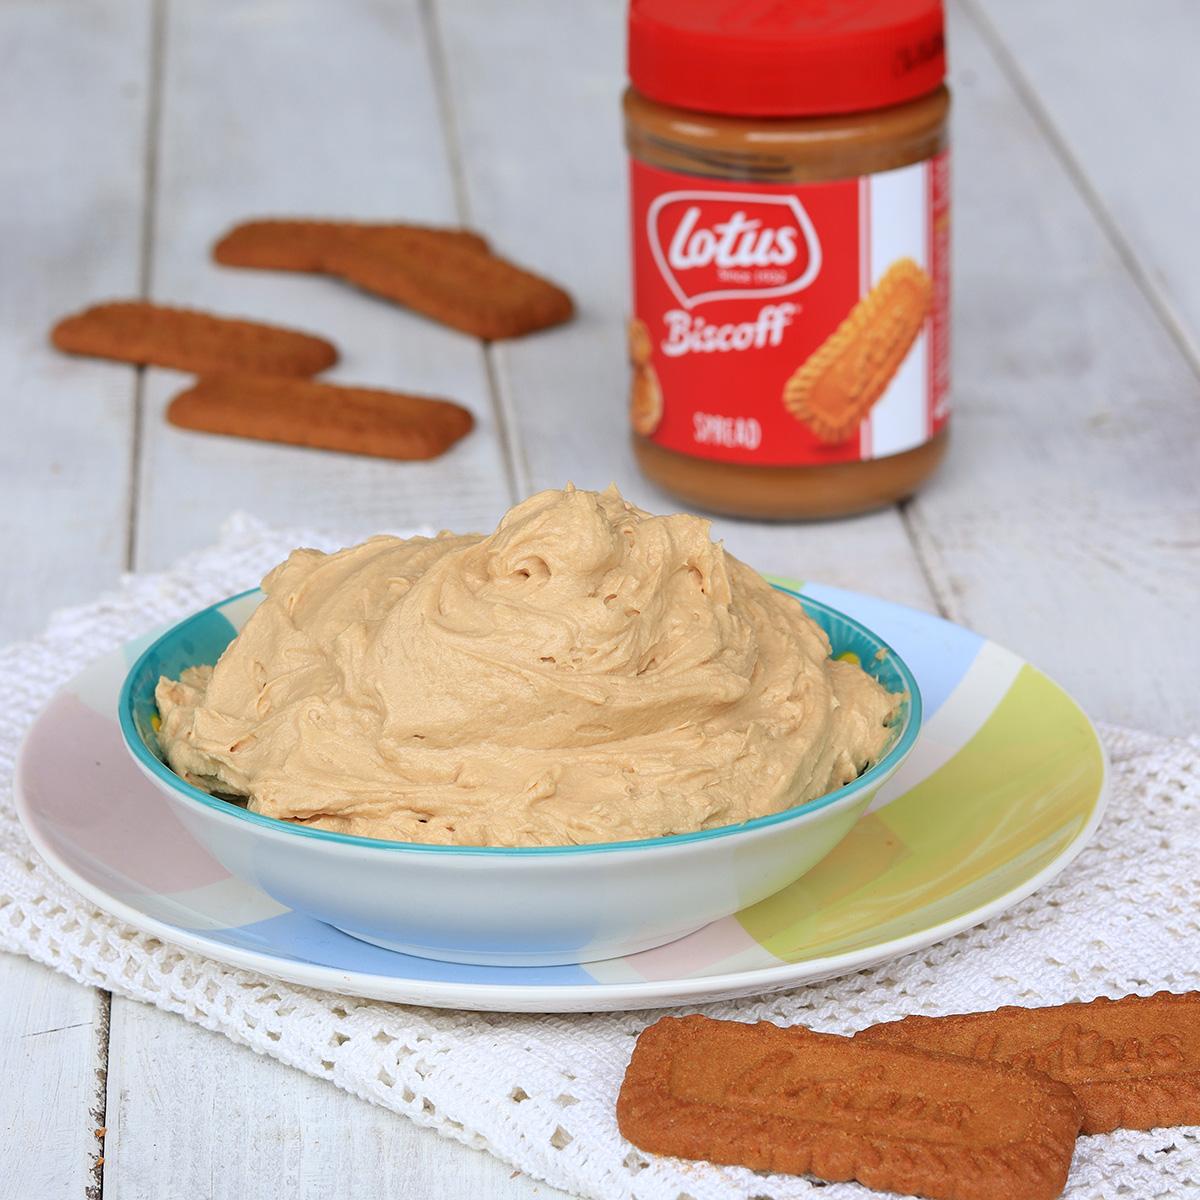 LOTUS CREMA AL MASCARPONE ricetta crema ai biscotti Lotus Biscoff